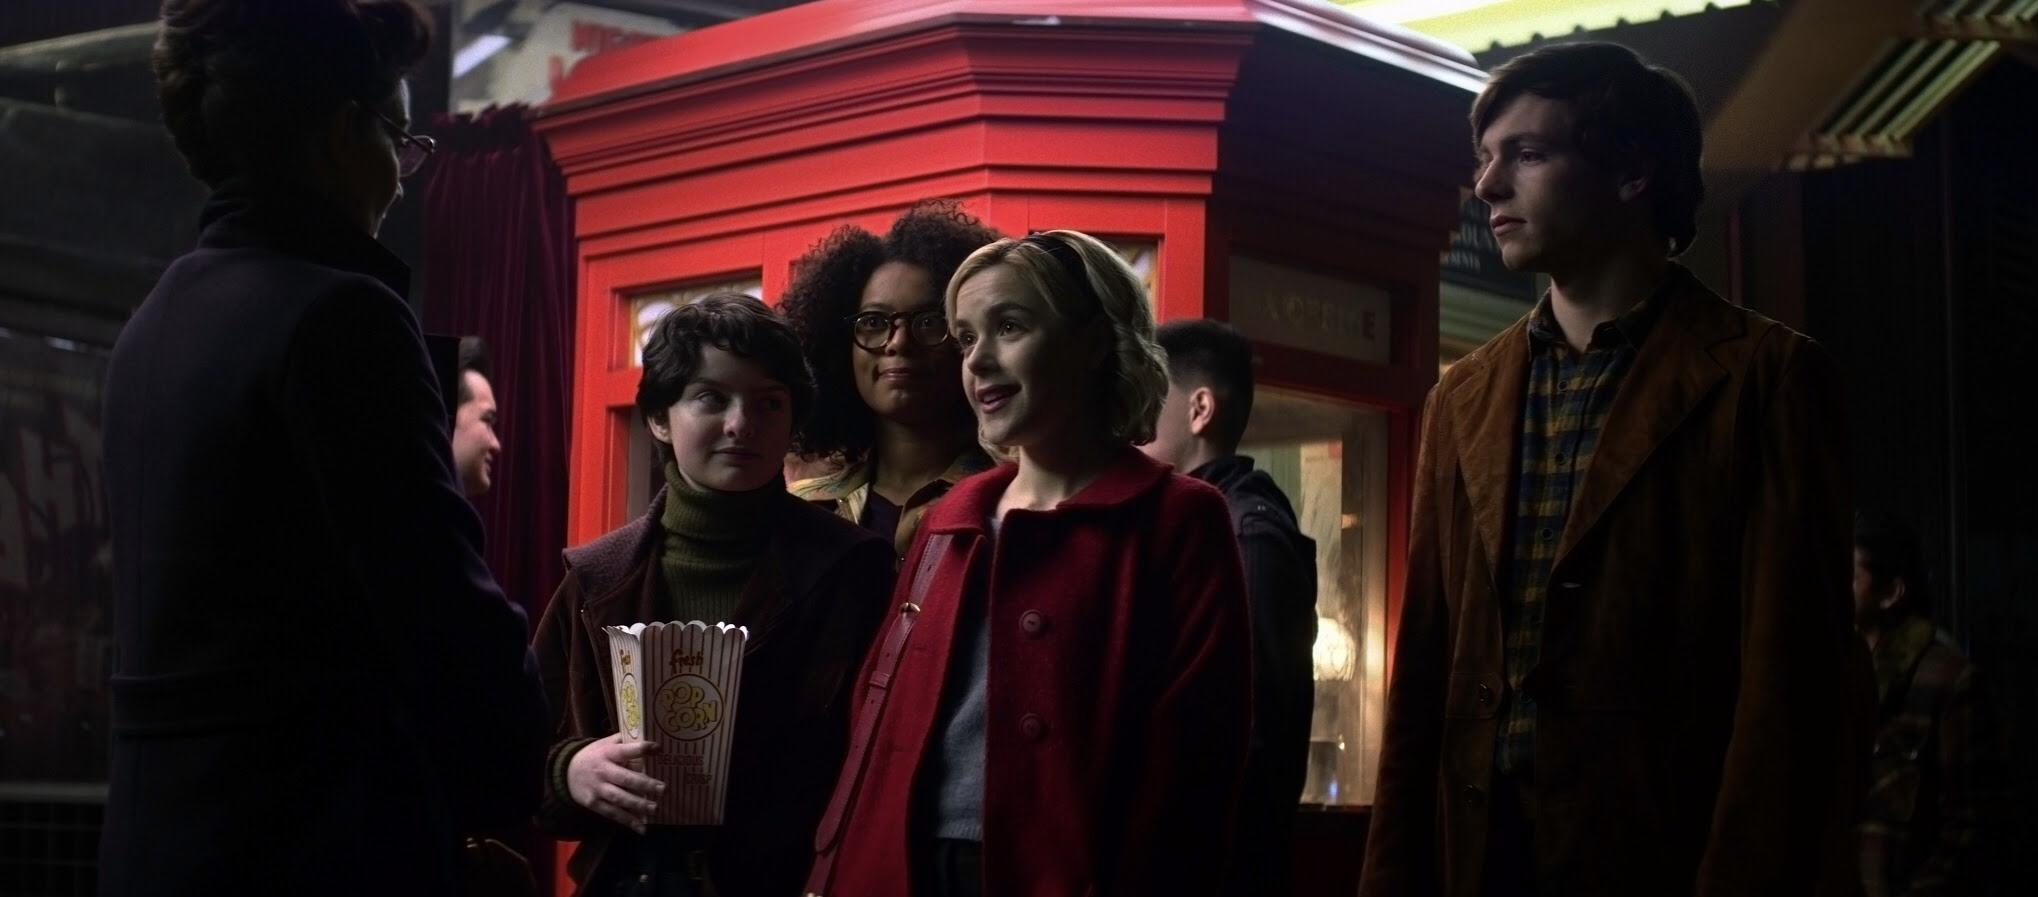 Netflix o mundo sombrio de Sabrina personagens serie chilling adventures of Carrie